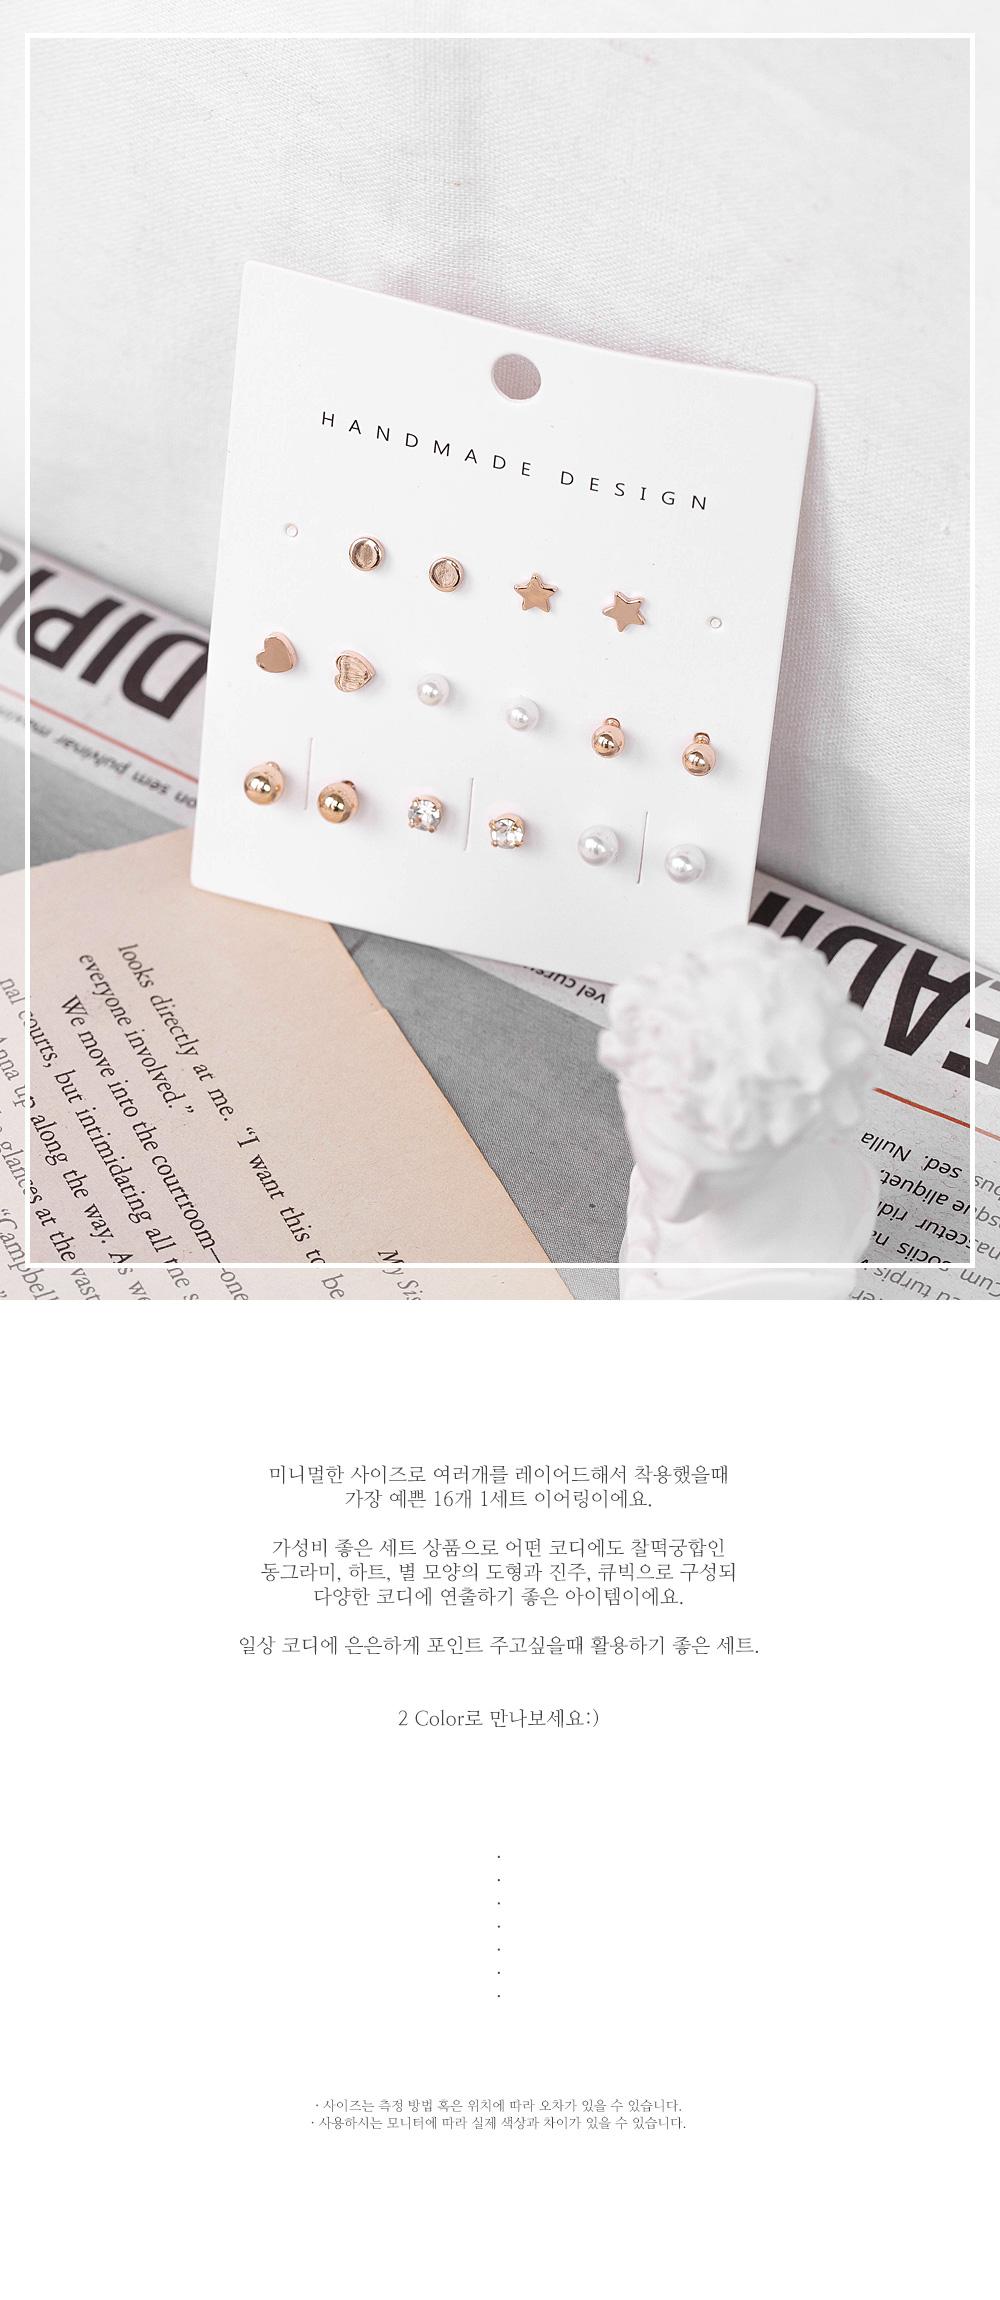 [16개 1세트] 에브리 데이 귀걸이 - 폭스타일, 9,000원, 진주/원석, 볼귀걸이